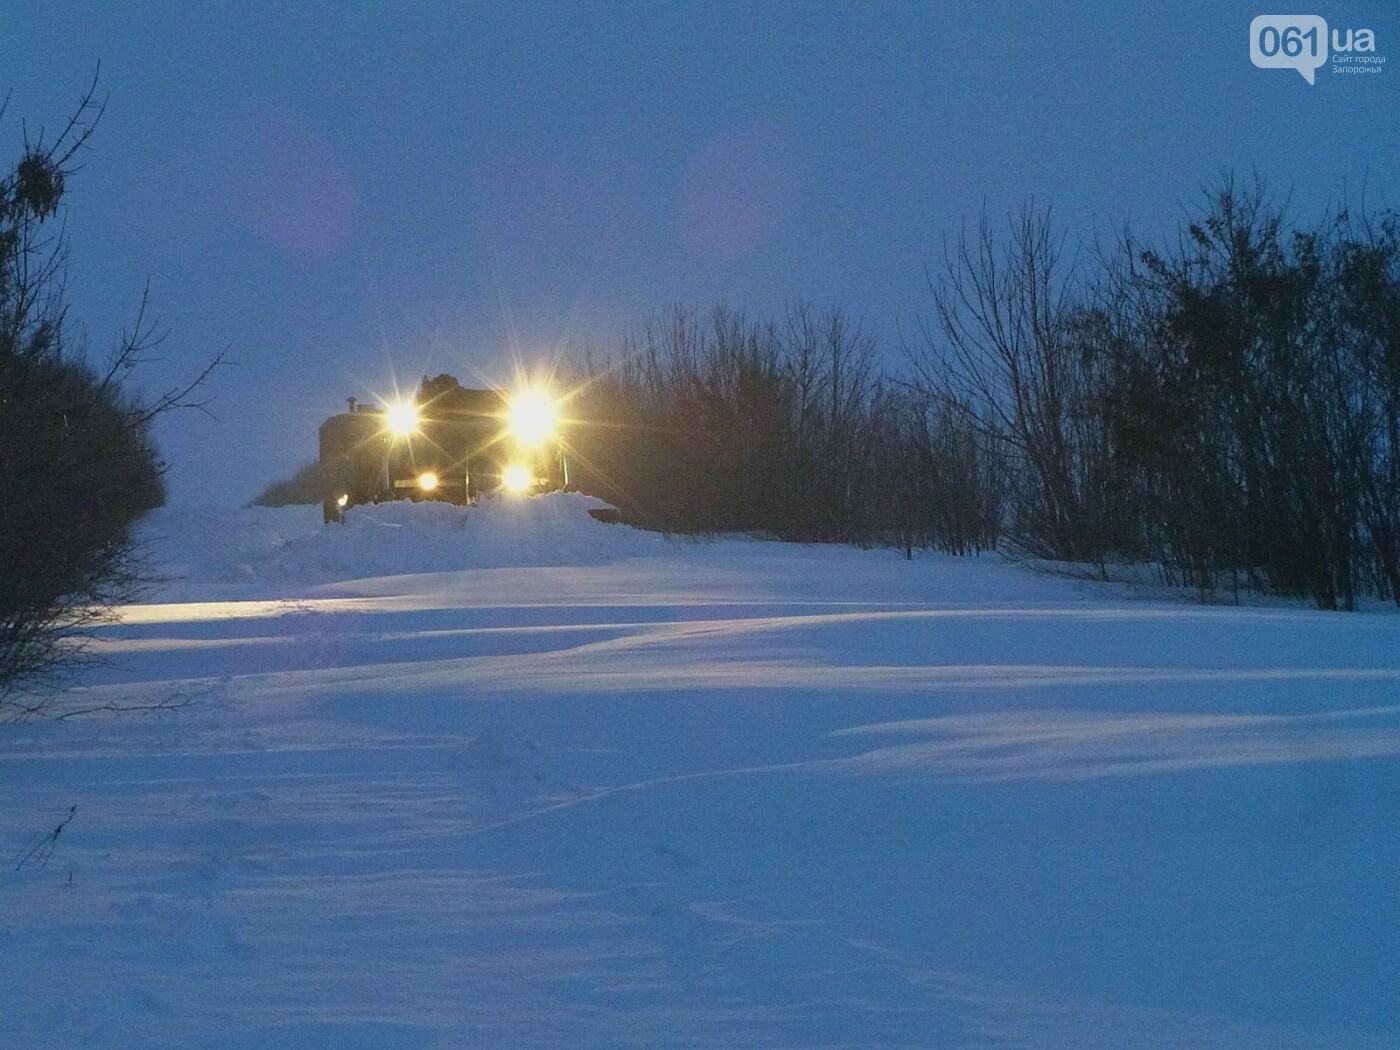 В Запорожской области за 4 суток из снега вытащили 192 машины, спасены 453 человека, - ФОТО, ВИДЕО, фото-7